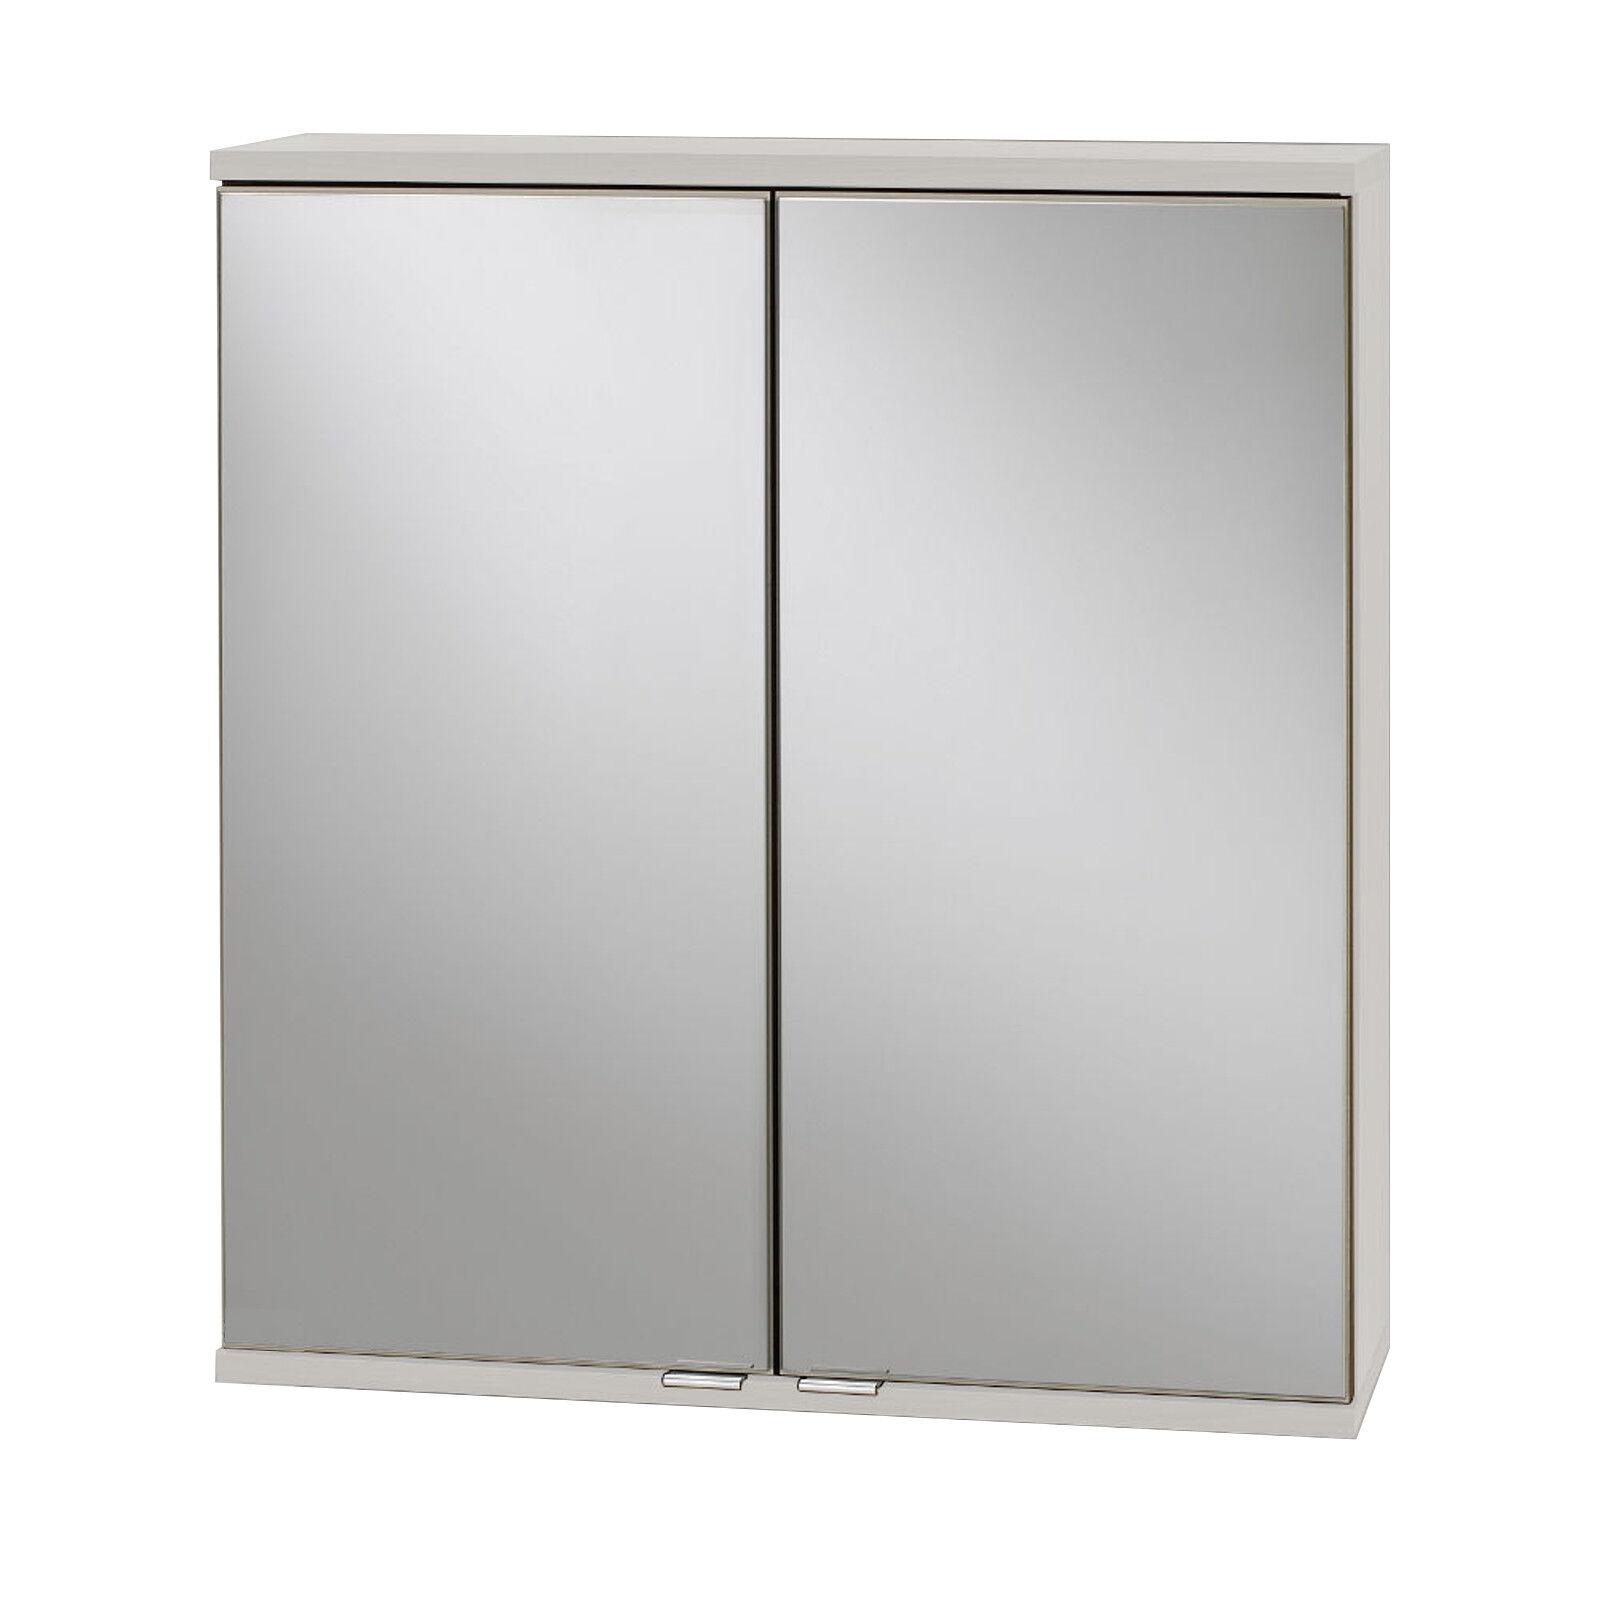 Badezimmer Spiegelschrank Test Vergleich +++ Badezimmer ...